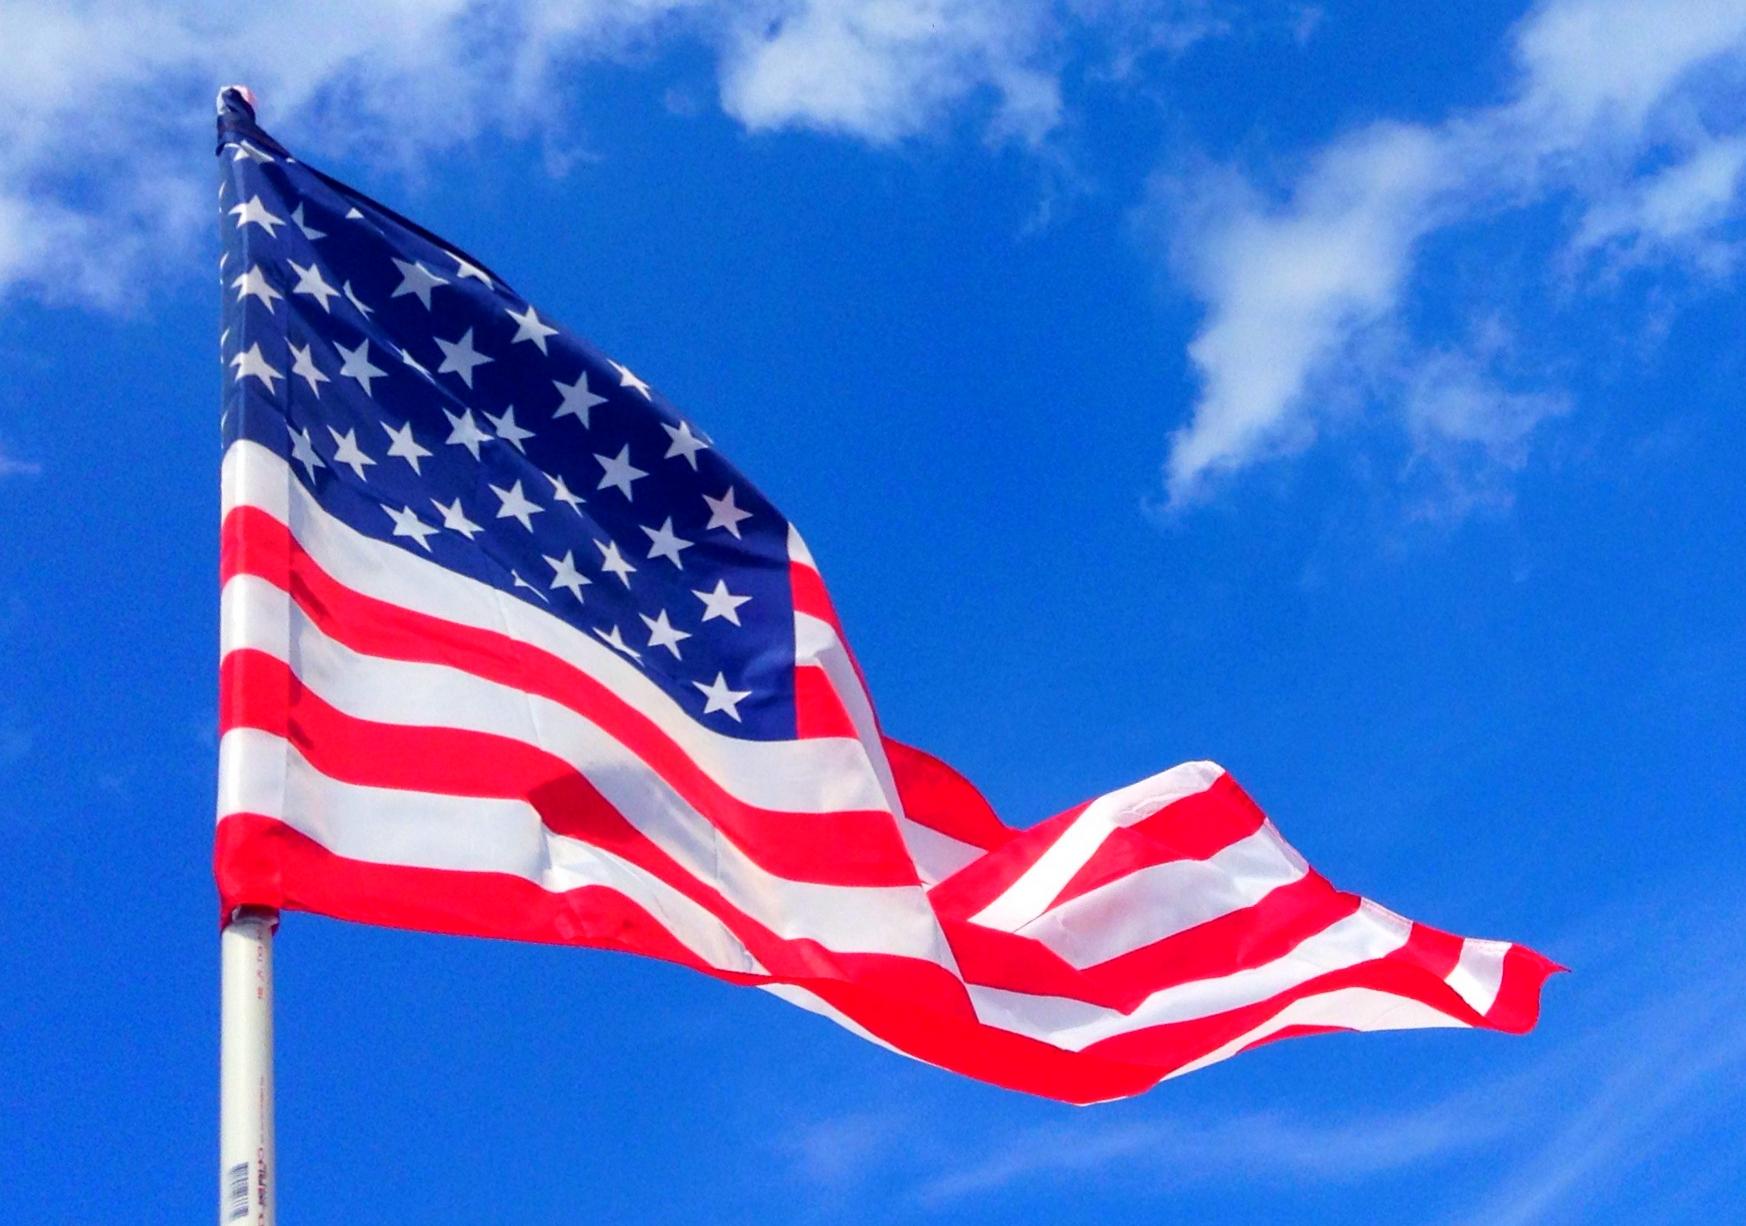 La Bandera de los Estados Unidos es el símbolo del país